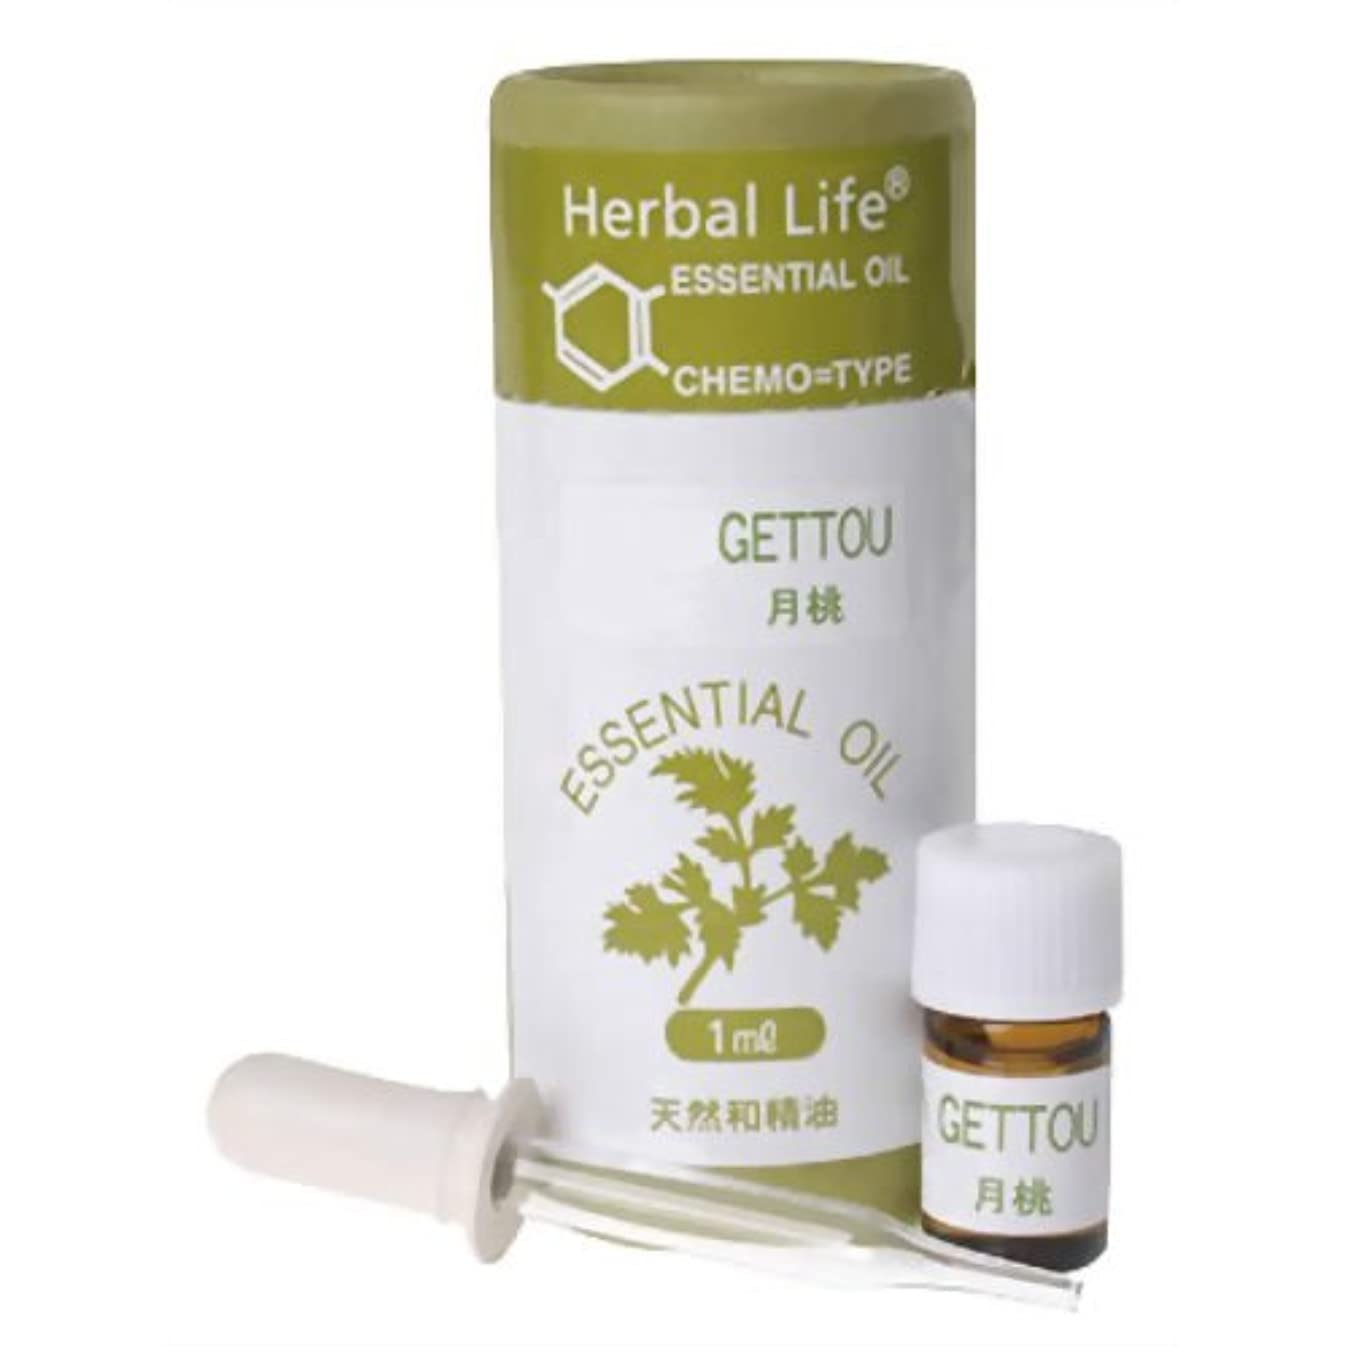 変数調整可能電極生活の木 Herbal Life月桃 1ml